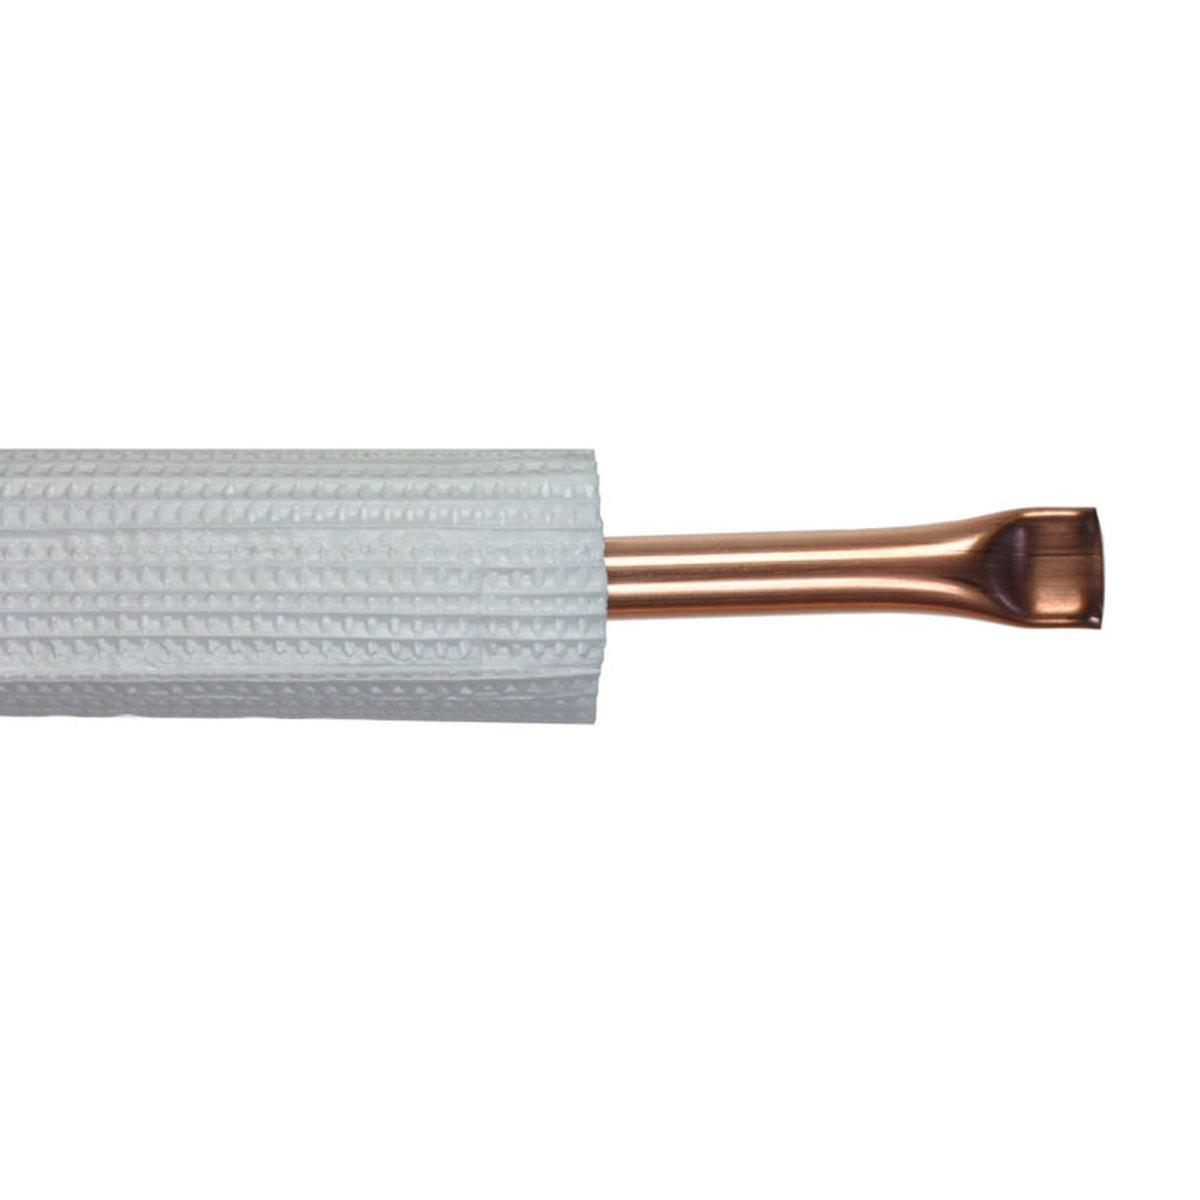 """Kopparrör isolerad enkel 5/8"""" x 1,0 mm. 25 meter"""